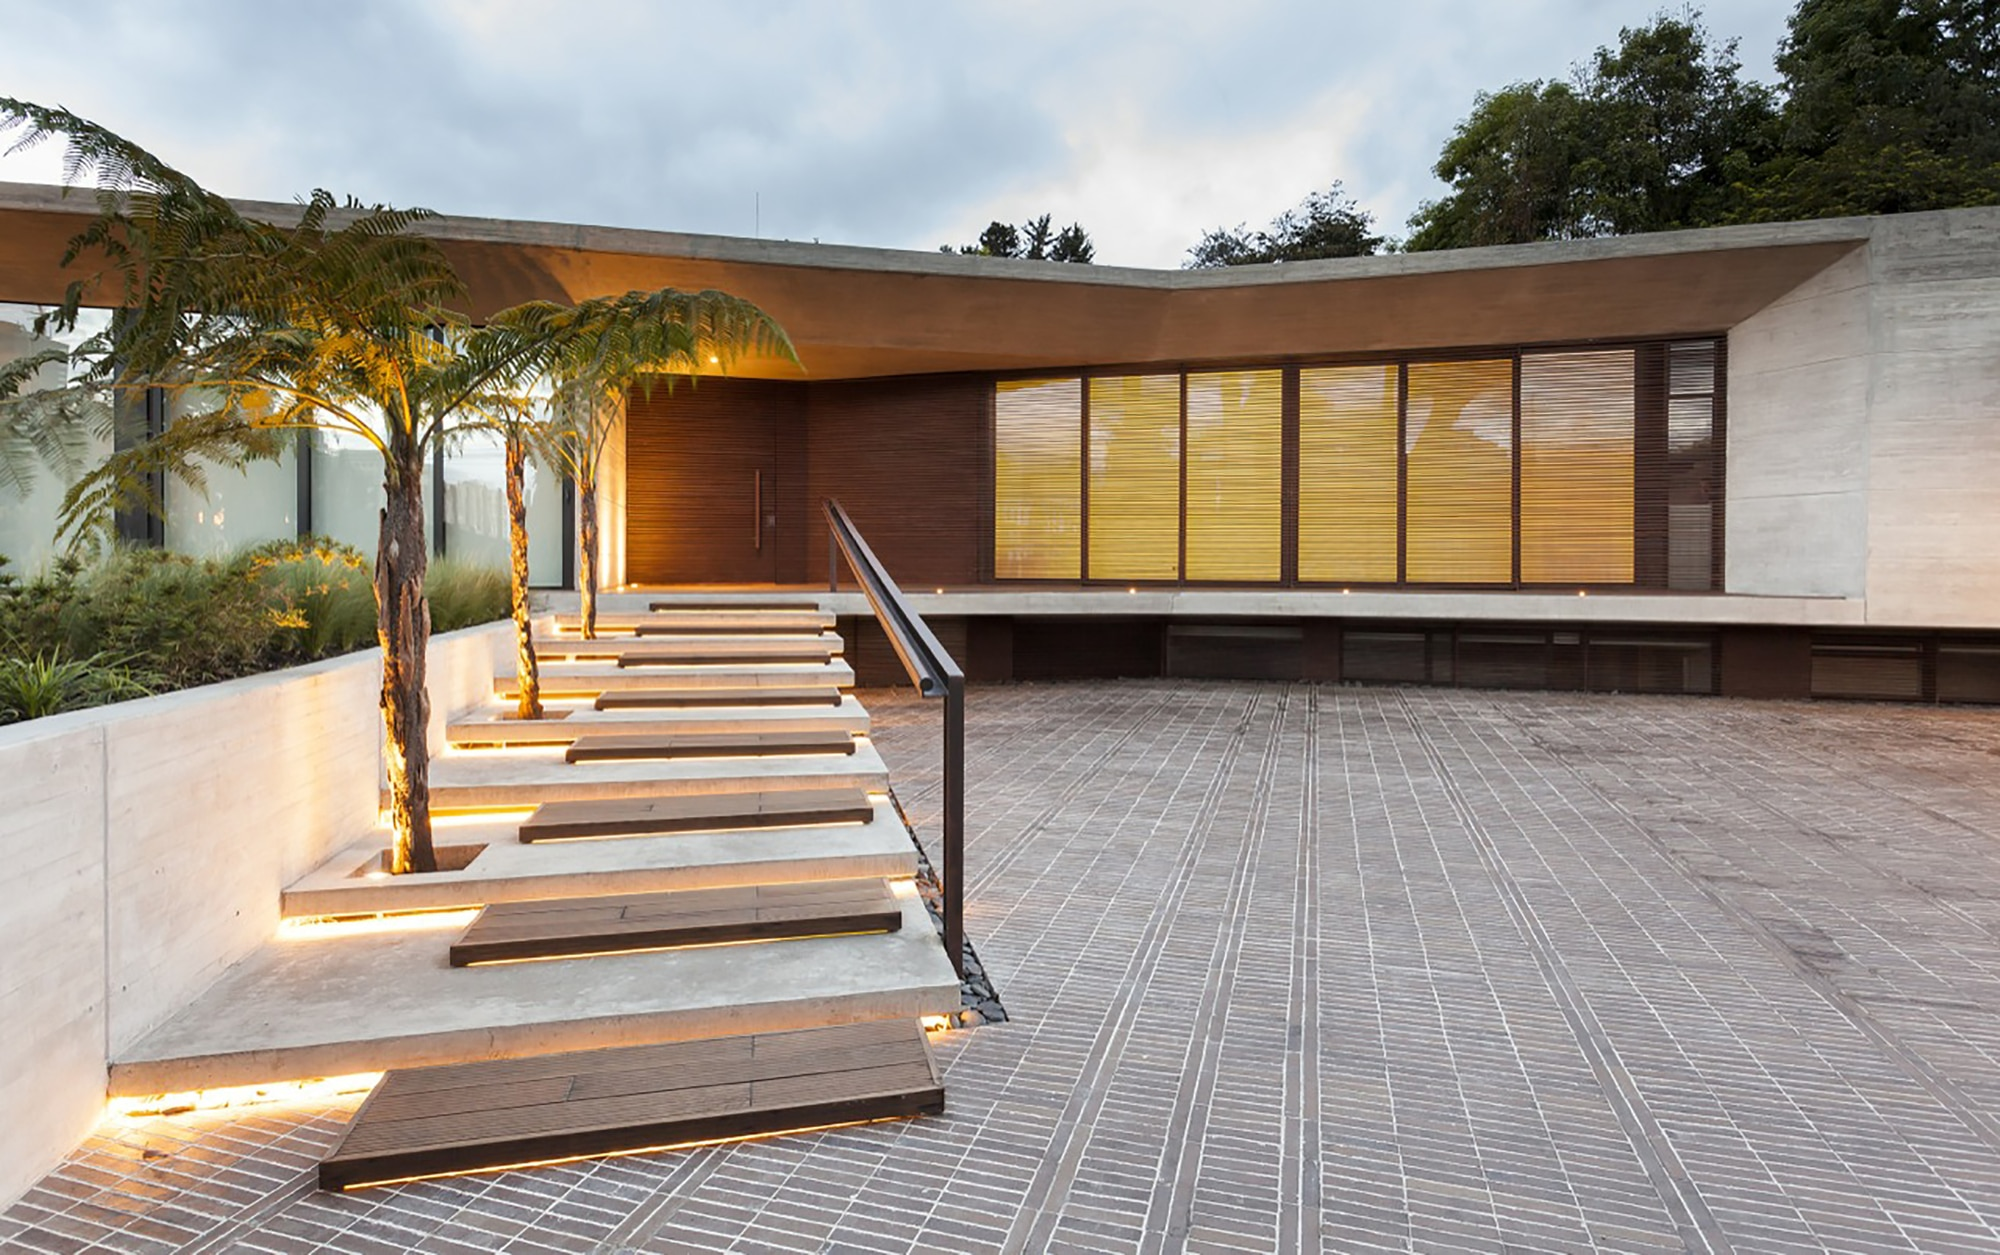 Moderno dise o casa de un piso con planos for Fachada de casa moderna de un piso